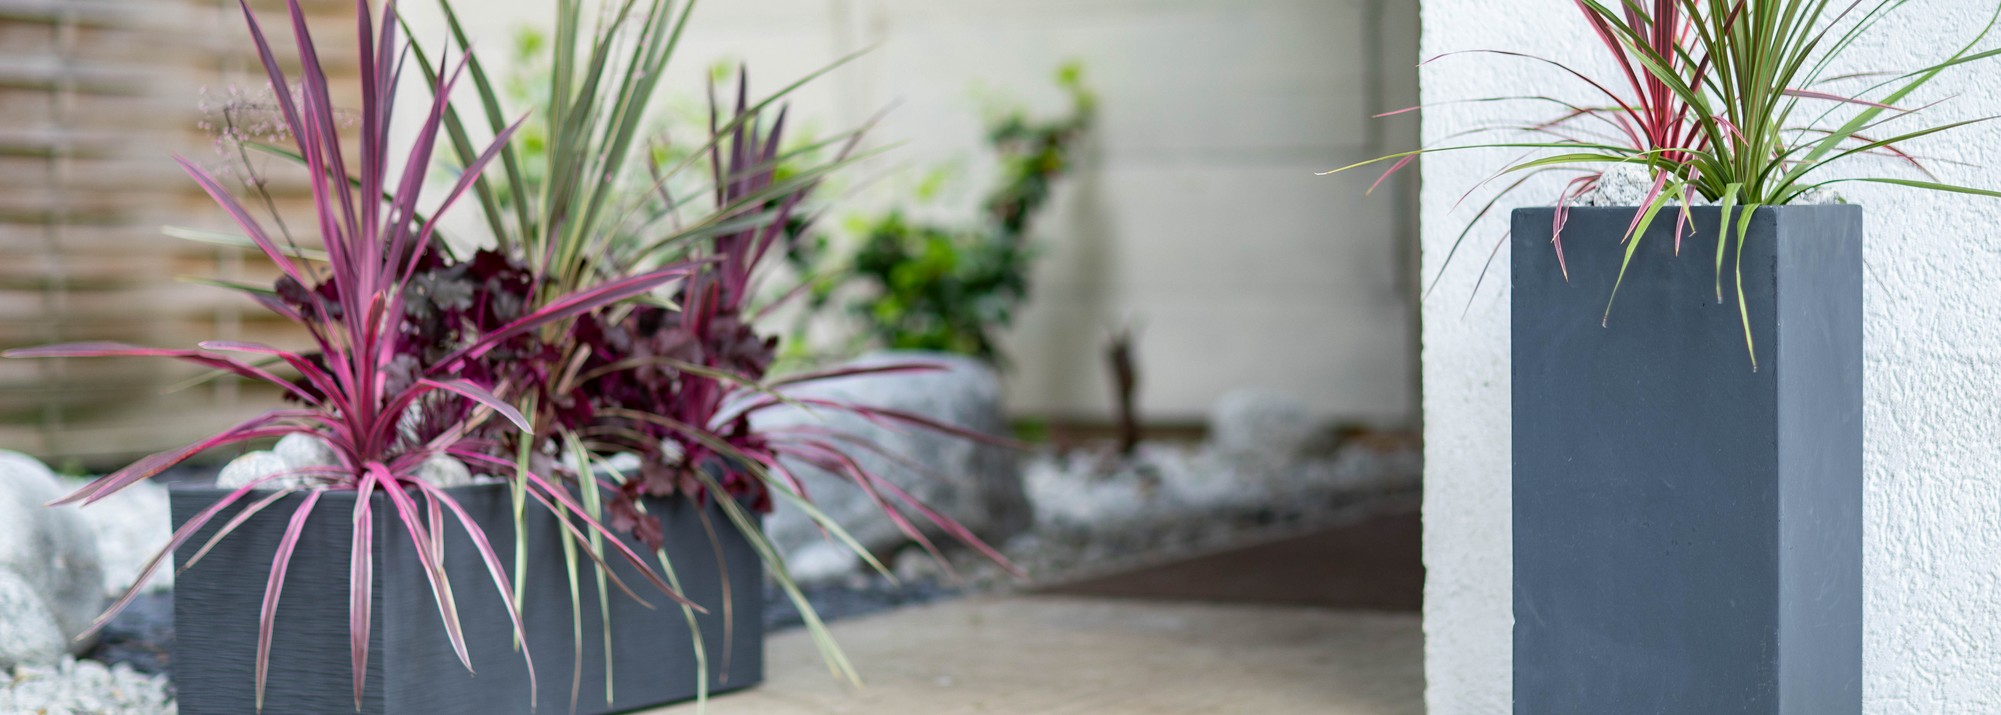 Plantes De Terrasse Arbustes plantes pour jardinières : plantes balcon et terrasse et